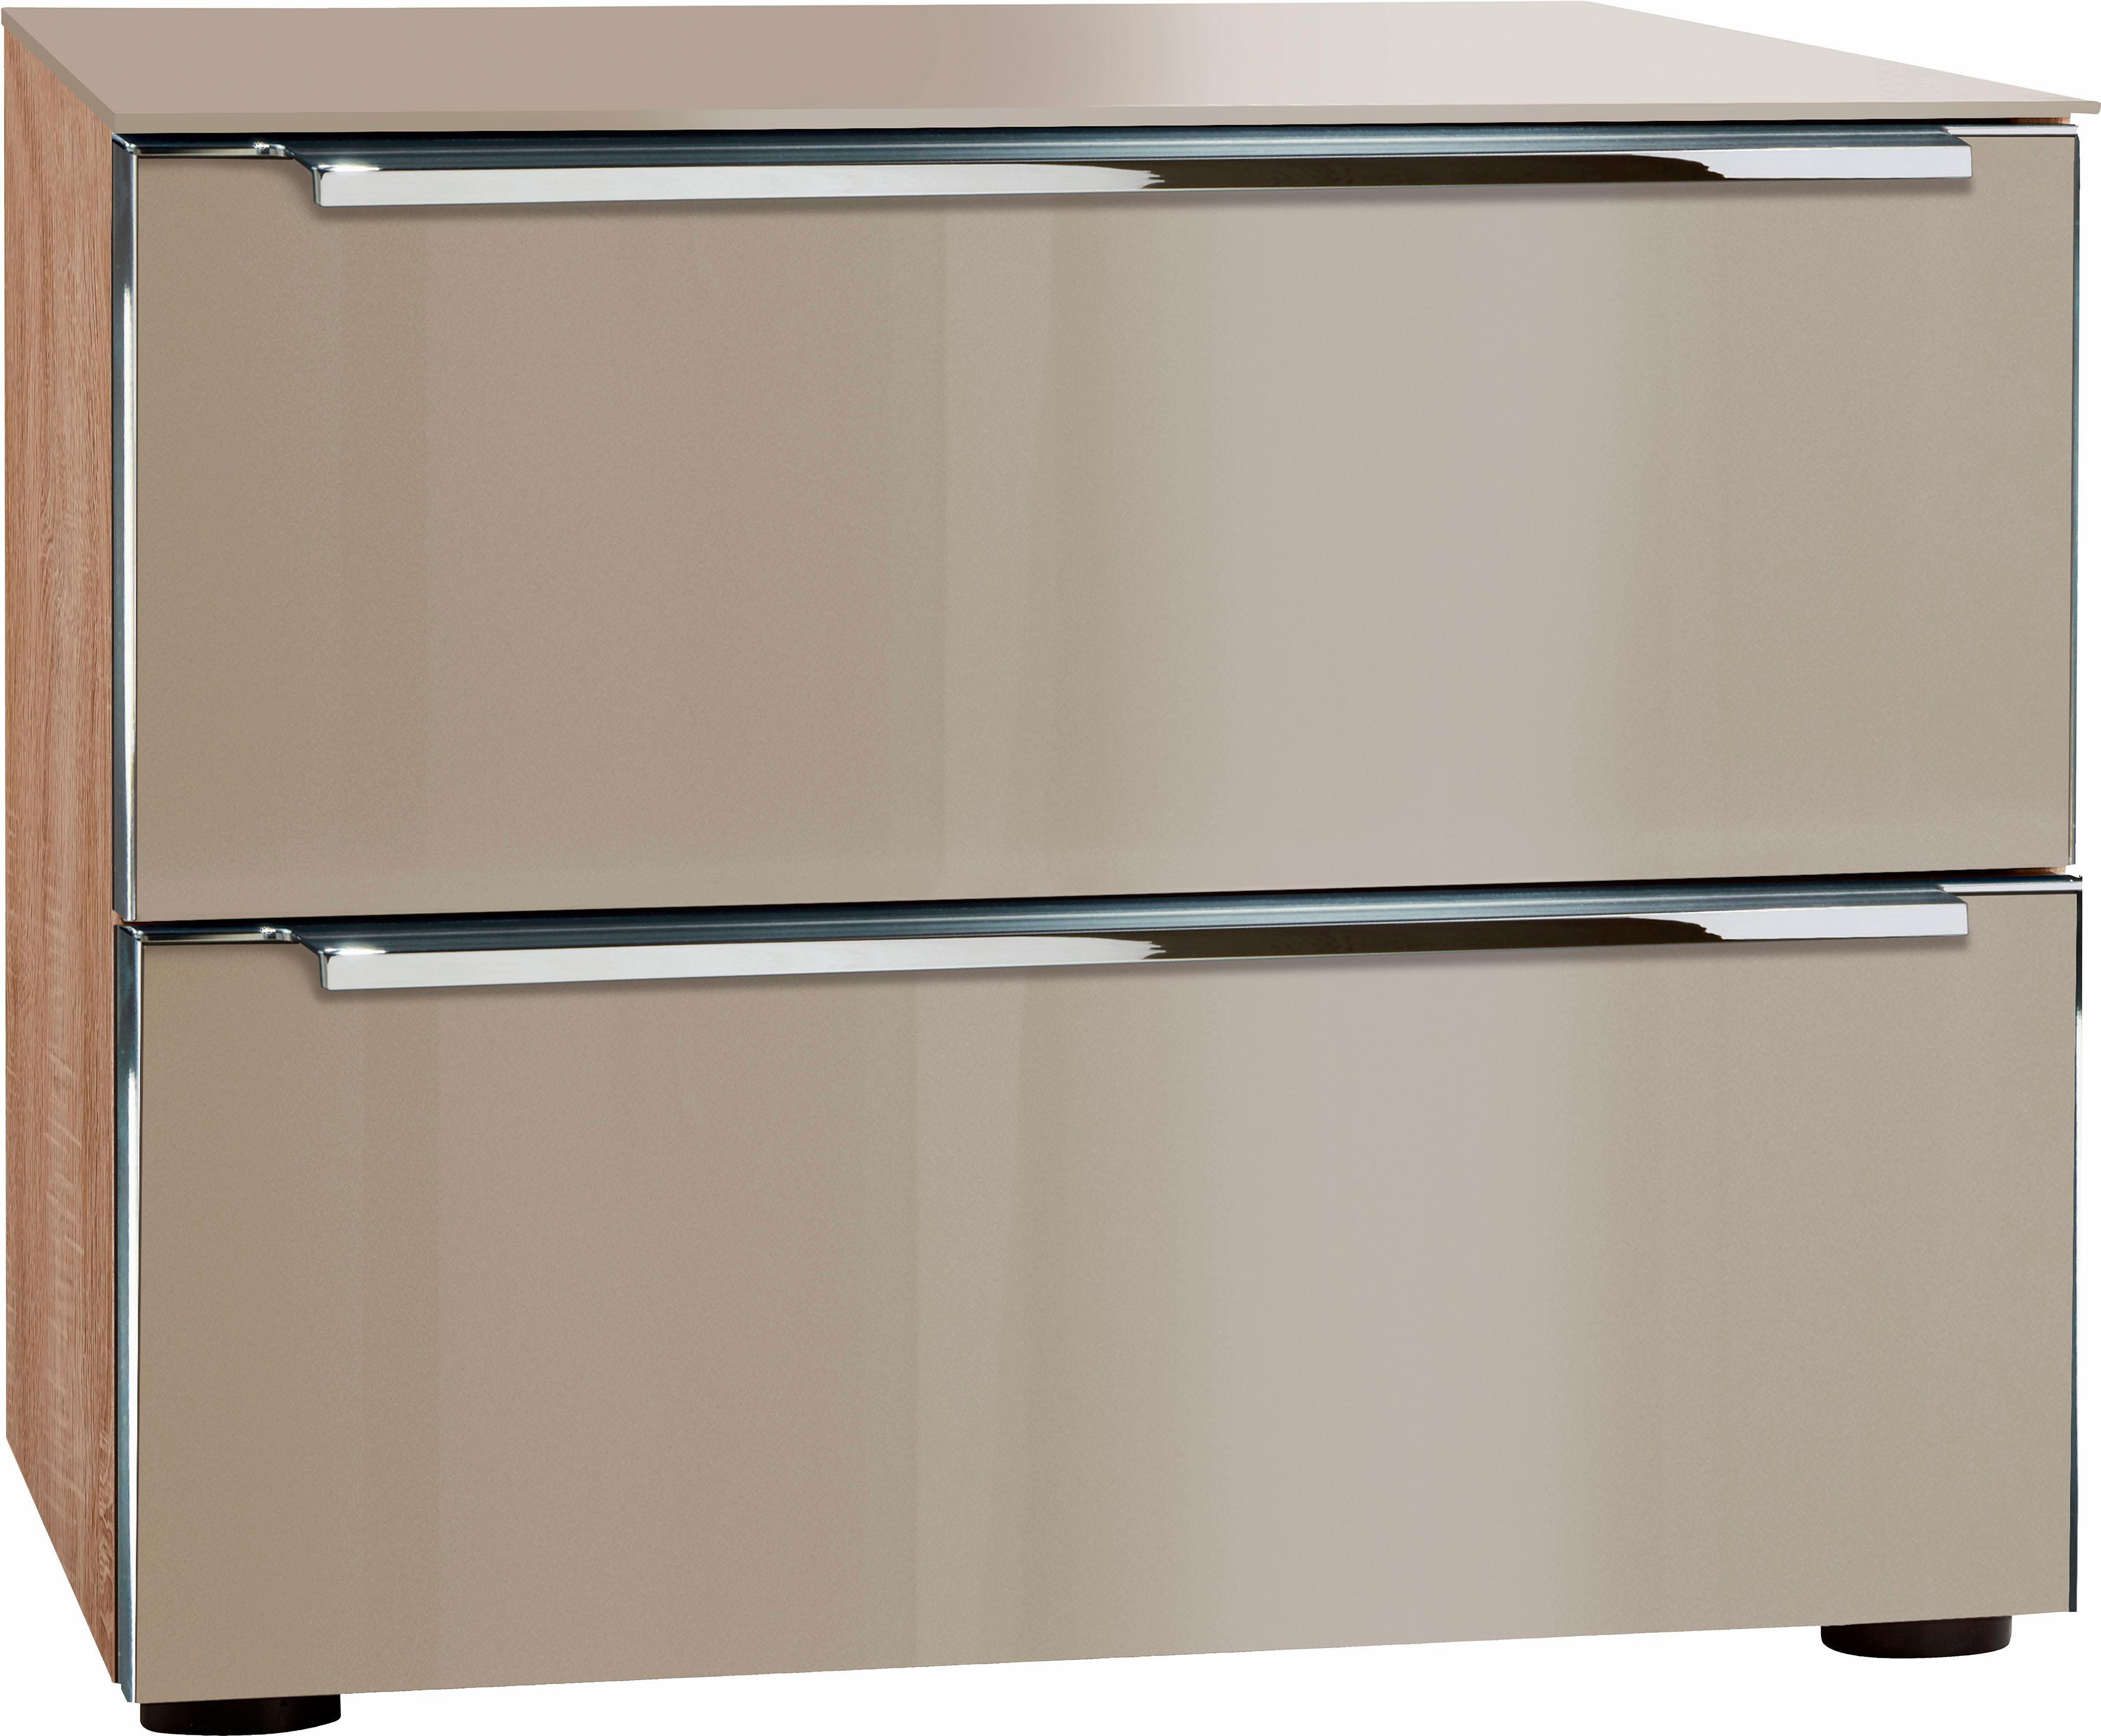 nolte® Möbel Nachttisch»Alegro Style«, Breite 50 cm | Schlafzimmer > Nachttische | Braun | Nussbaum - Glas | NOLTE® MÖBEL